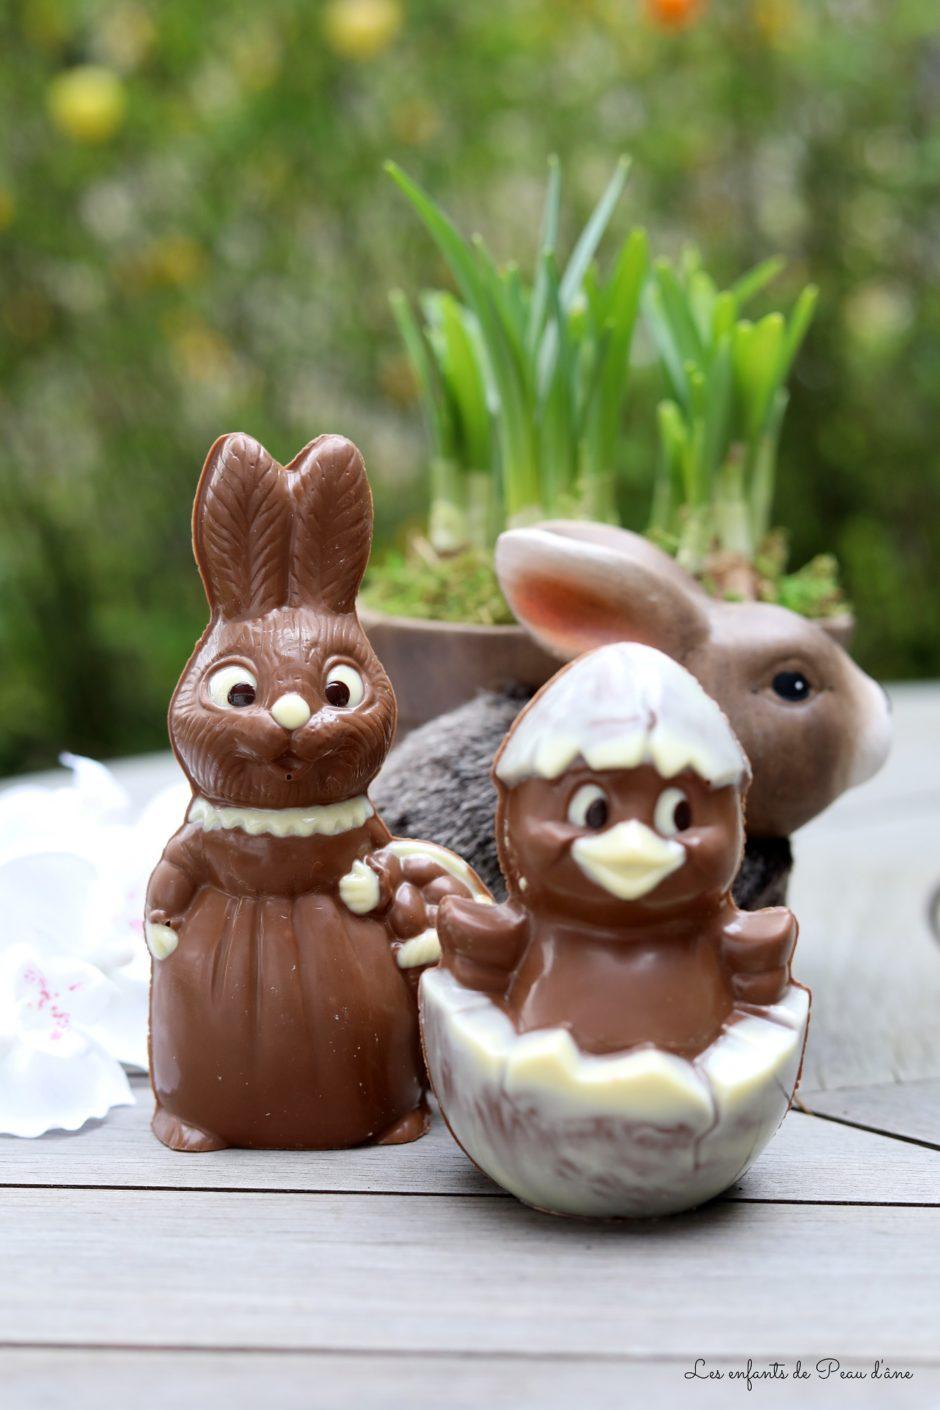 La ferme chocolat - Lapine et poussin